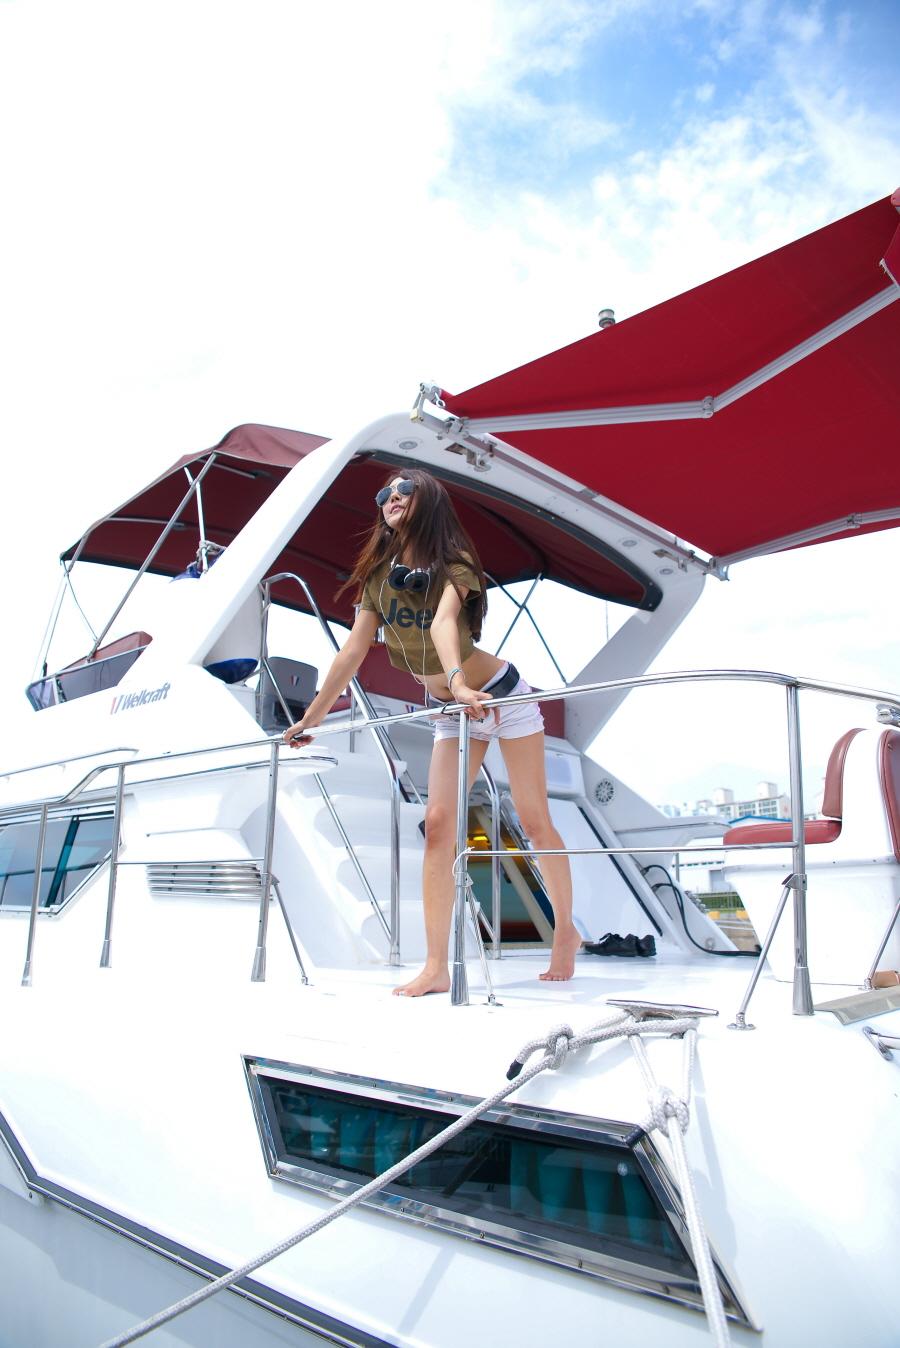 Nautical Girl by ParkLeggyKorean